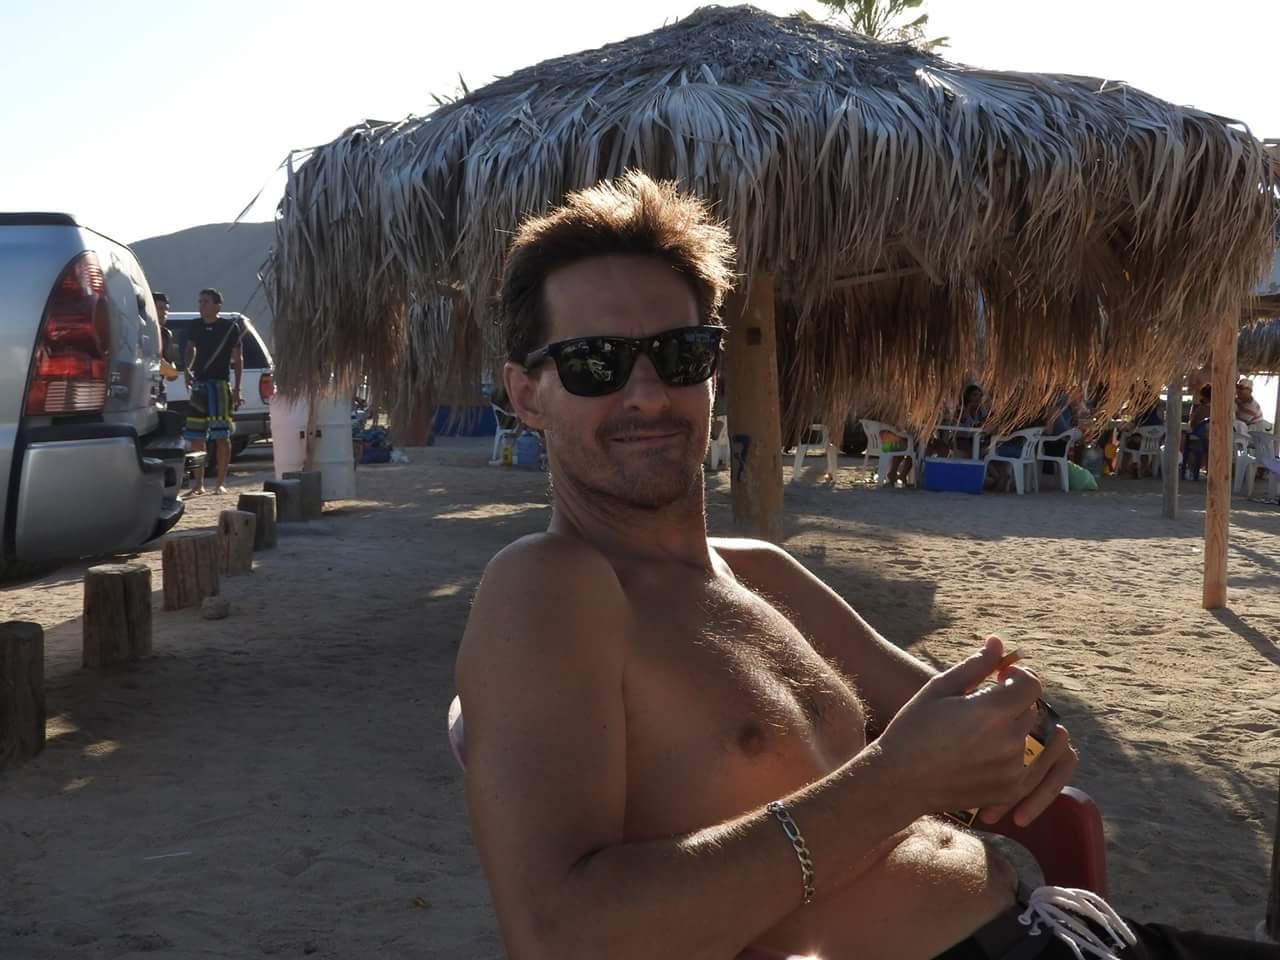 Go to Gaston Bazzino Ferreri's profile